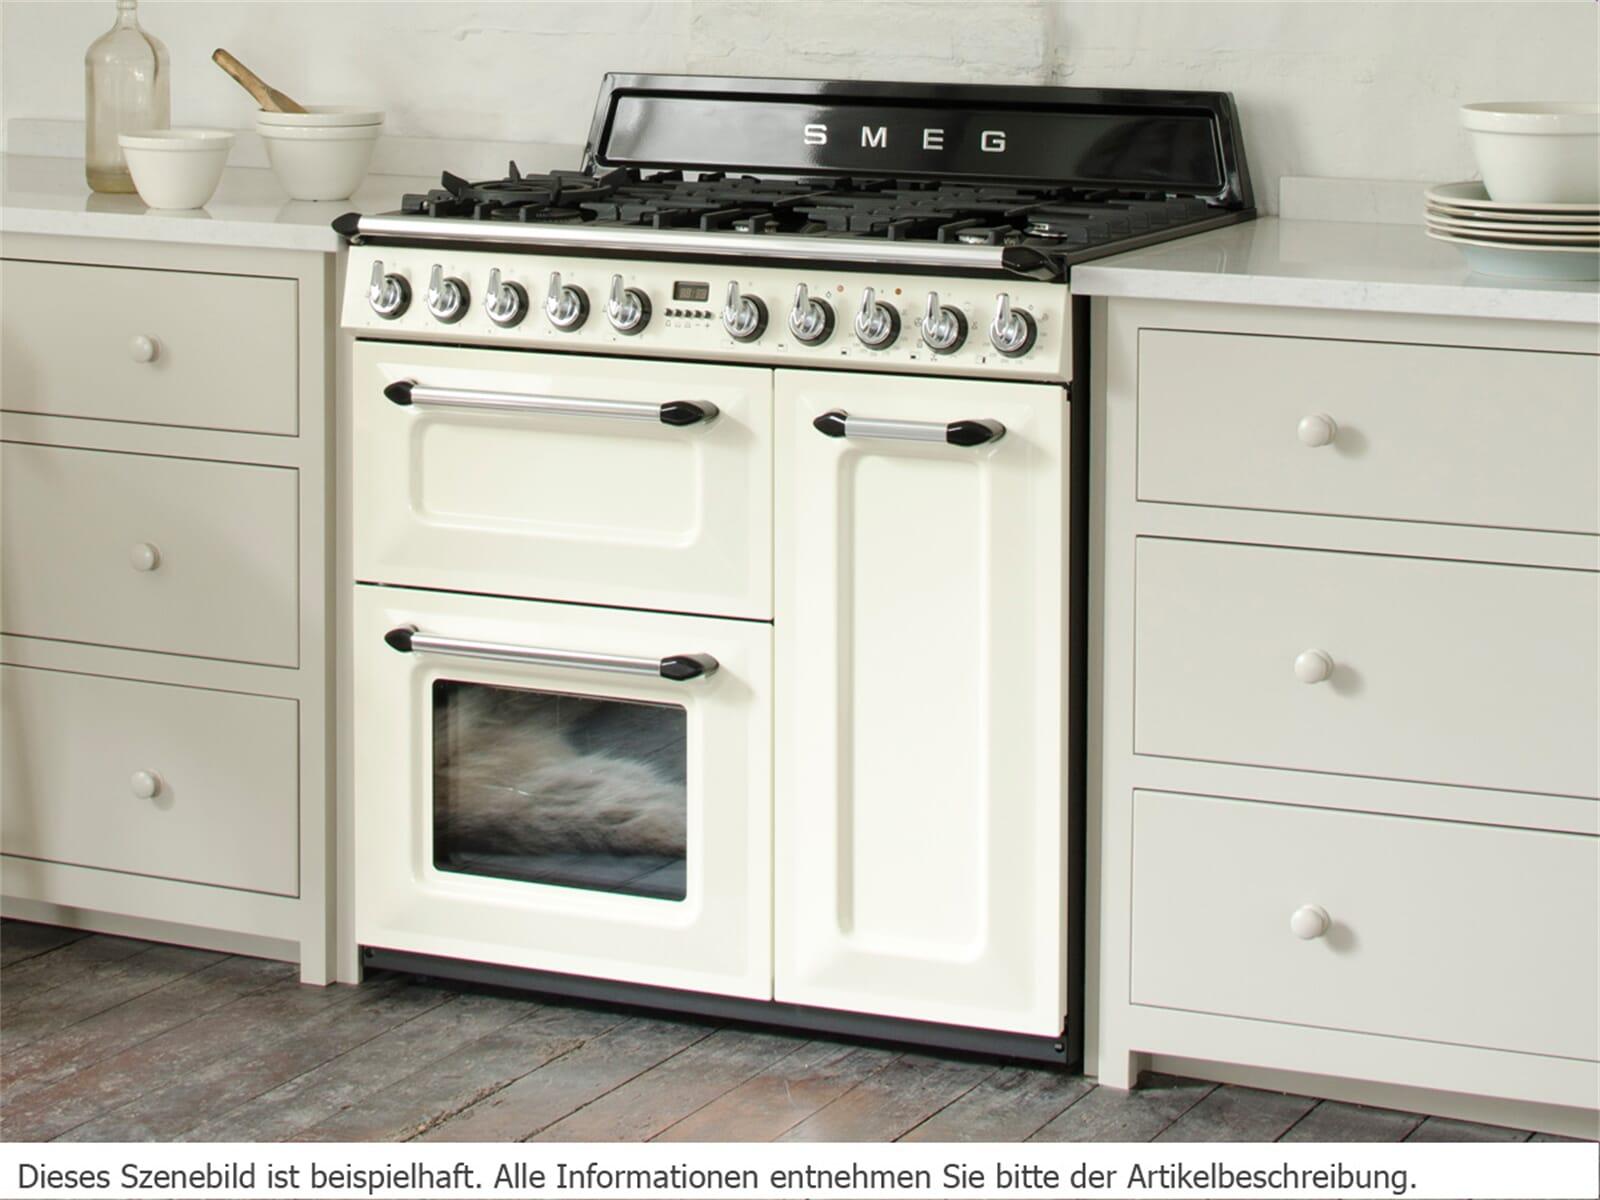 standherd induktion perfect induktions standherd standherd induktion testsieger aeg induktion. Black Bedroom Furniture Sets. Home Design Ideas